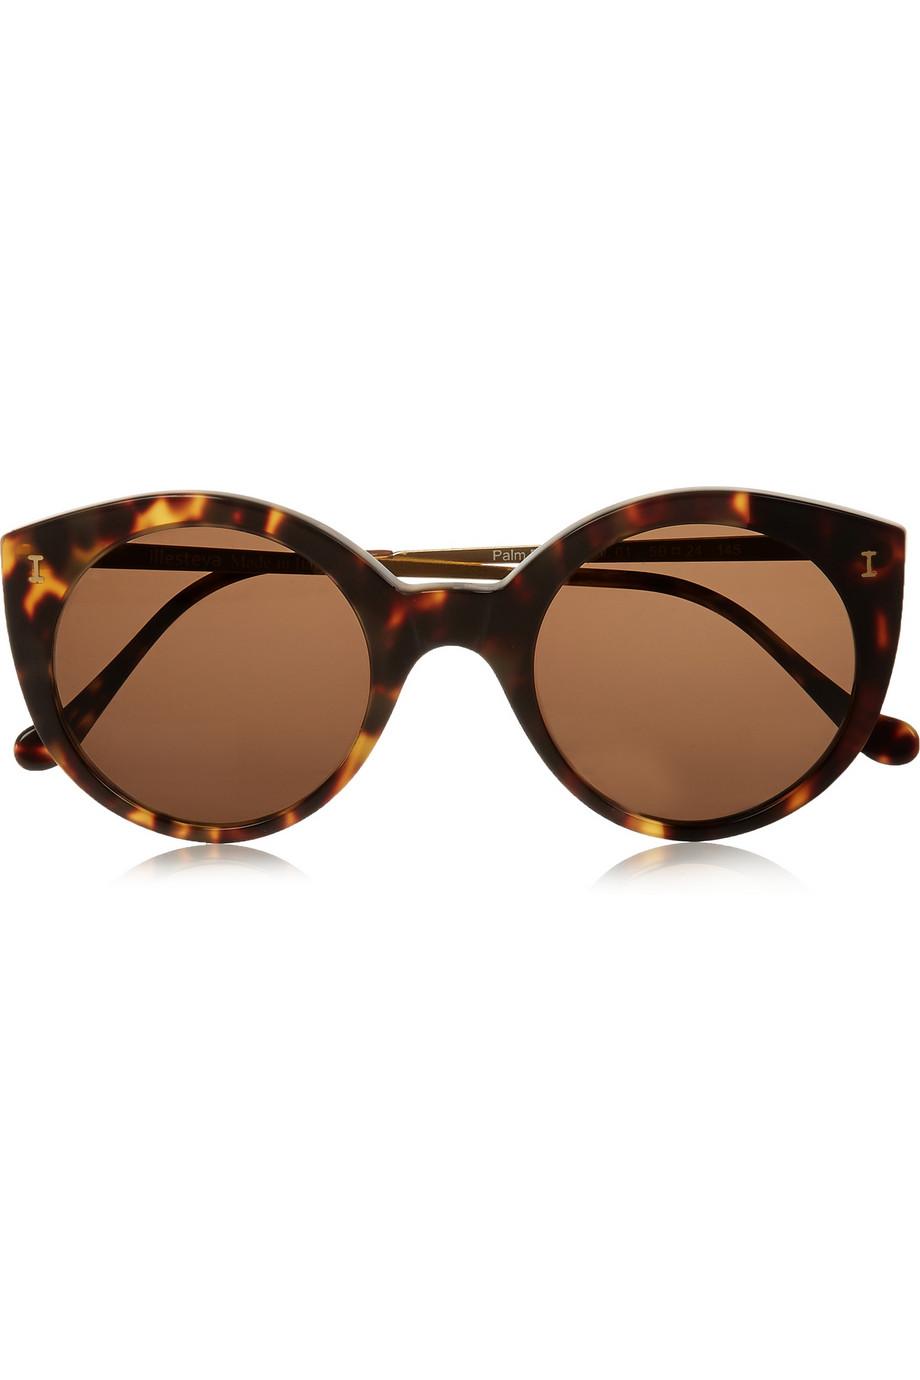 Illestreva - lunettes de soleil(240€)